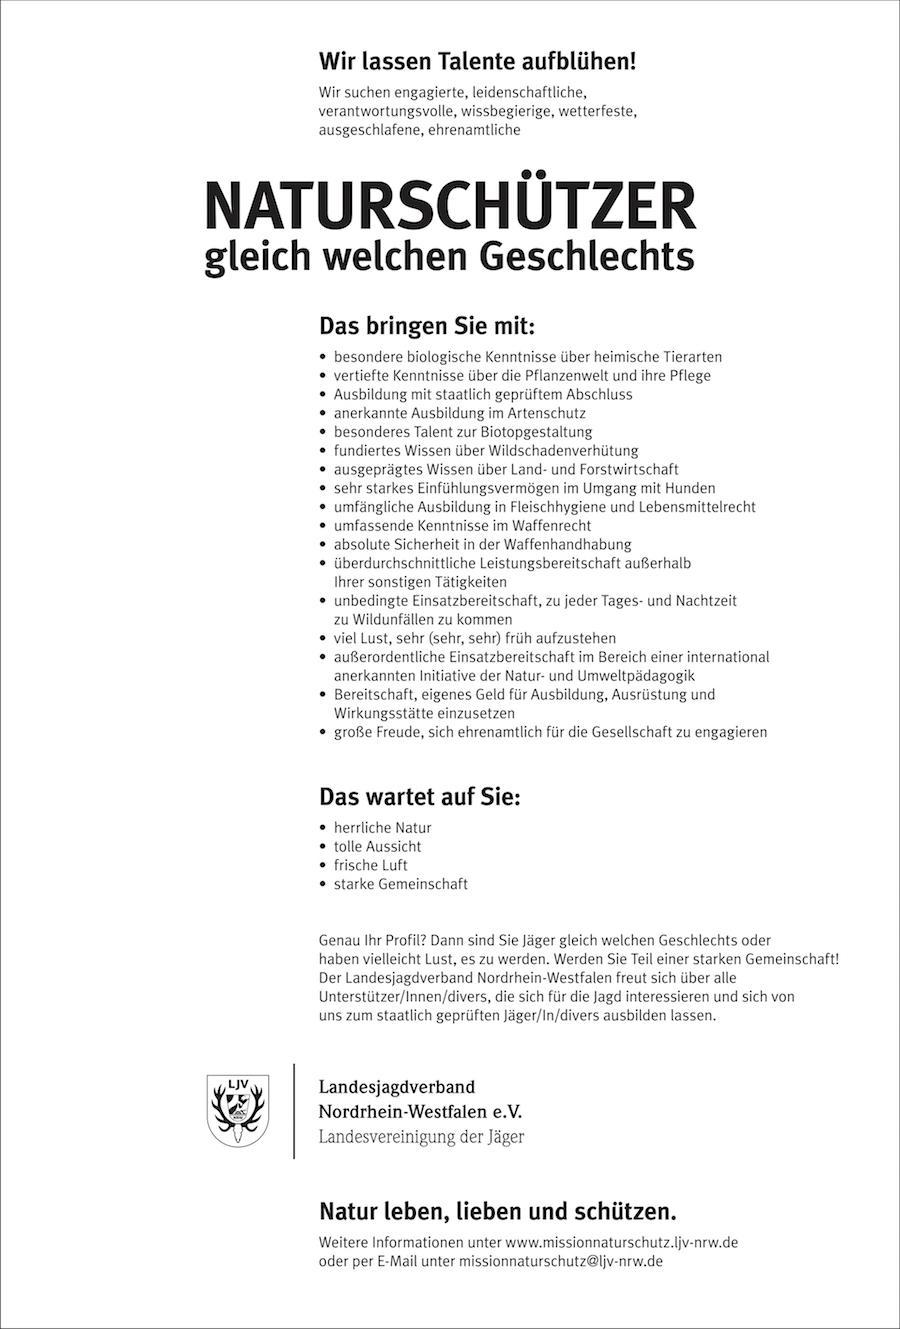 Die fiktive Stellenanzeige, Quelle: LJV NRW